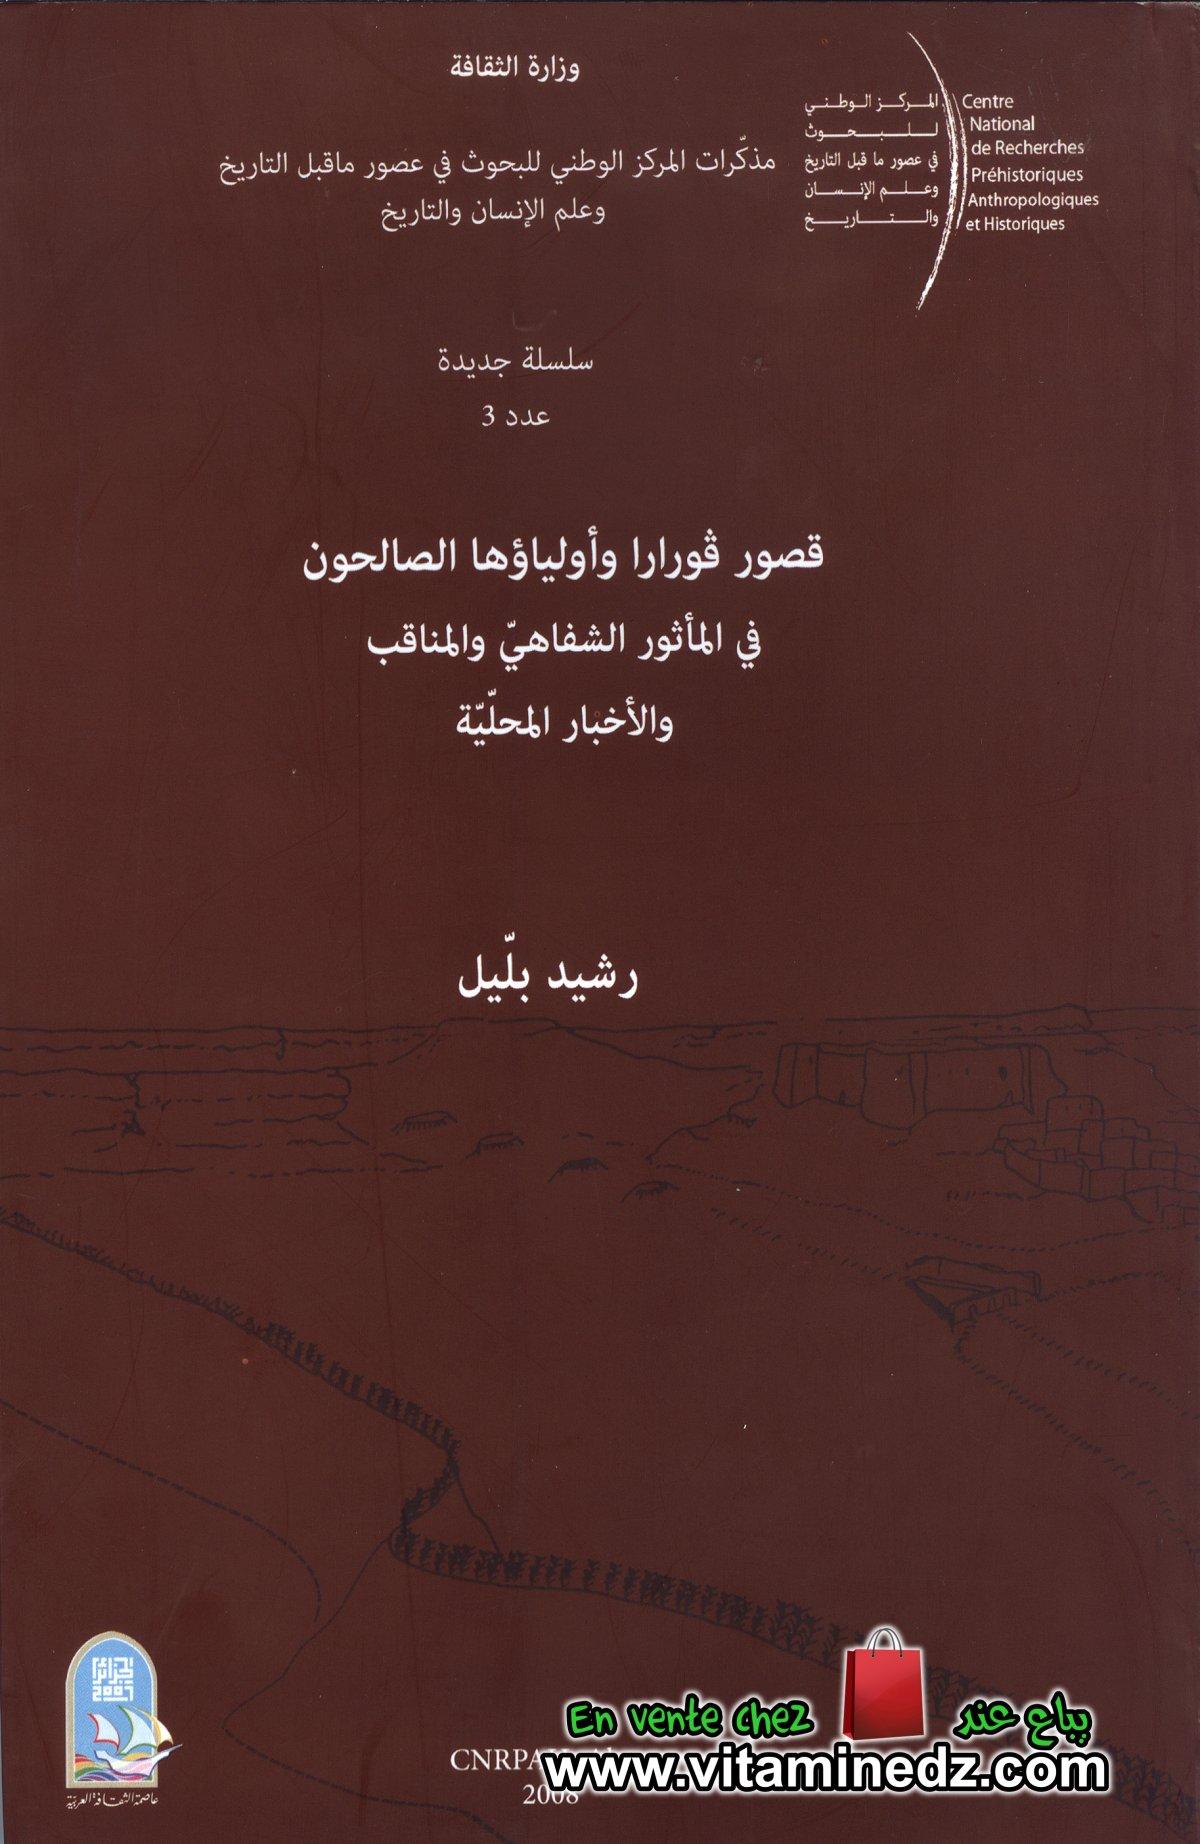 Rachid Bellil - Ksours du Gourara et ses saints